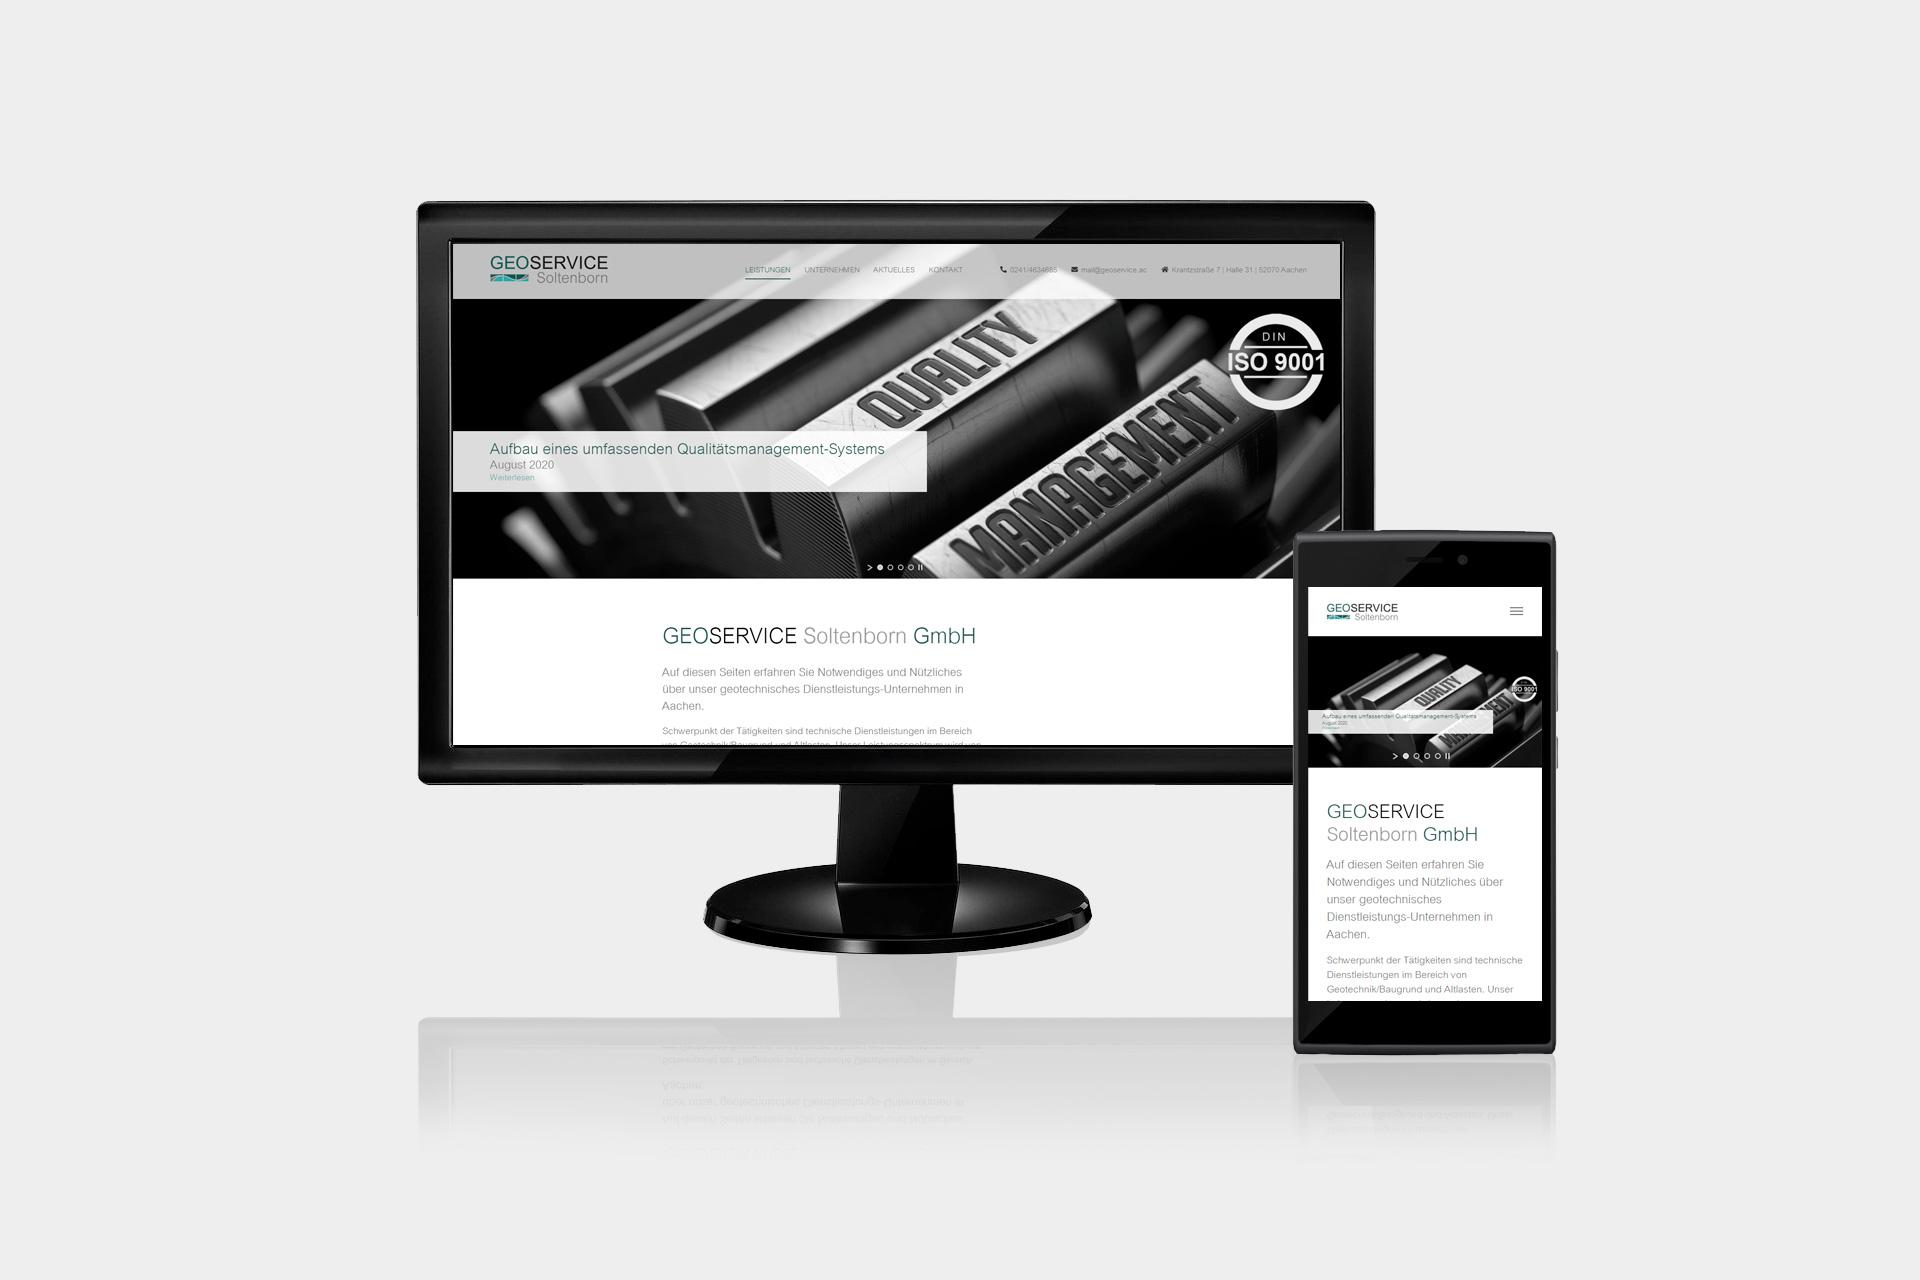 webdesign-geoservice-soltenborn